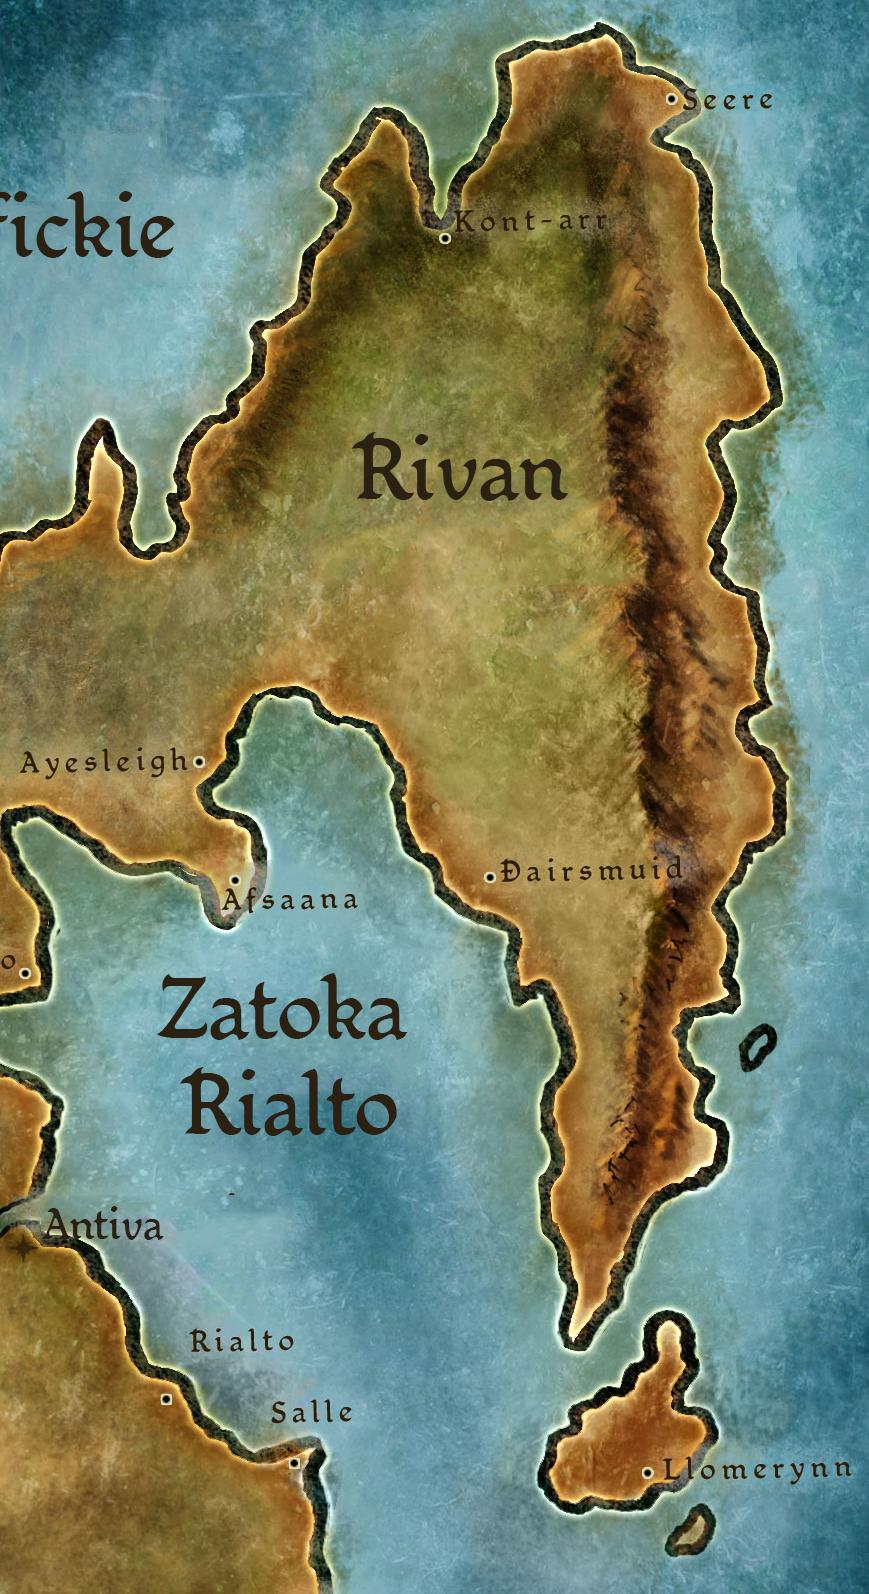 Kodeks: Rivan